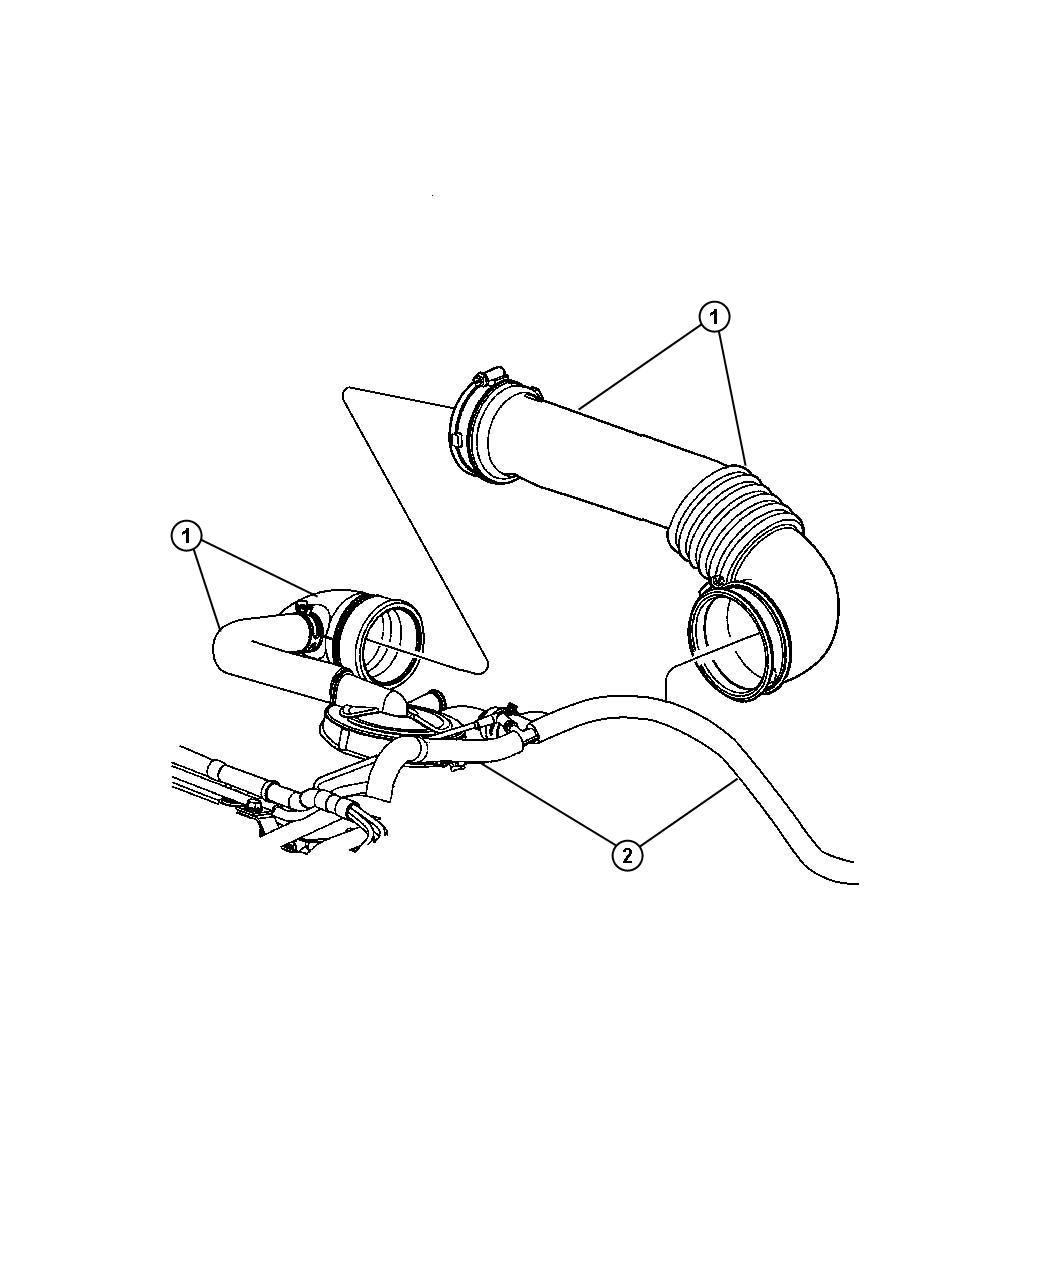 Jeep Patriot Hose. Brake booster vacuum, vacuum supply